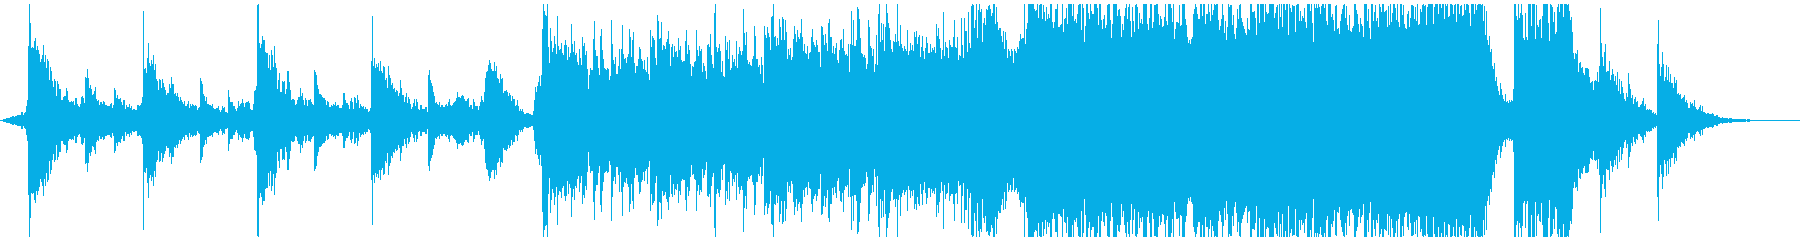 Damage IIIの再生済みの波形